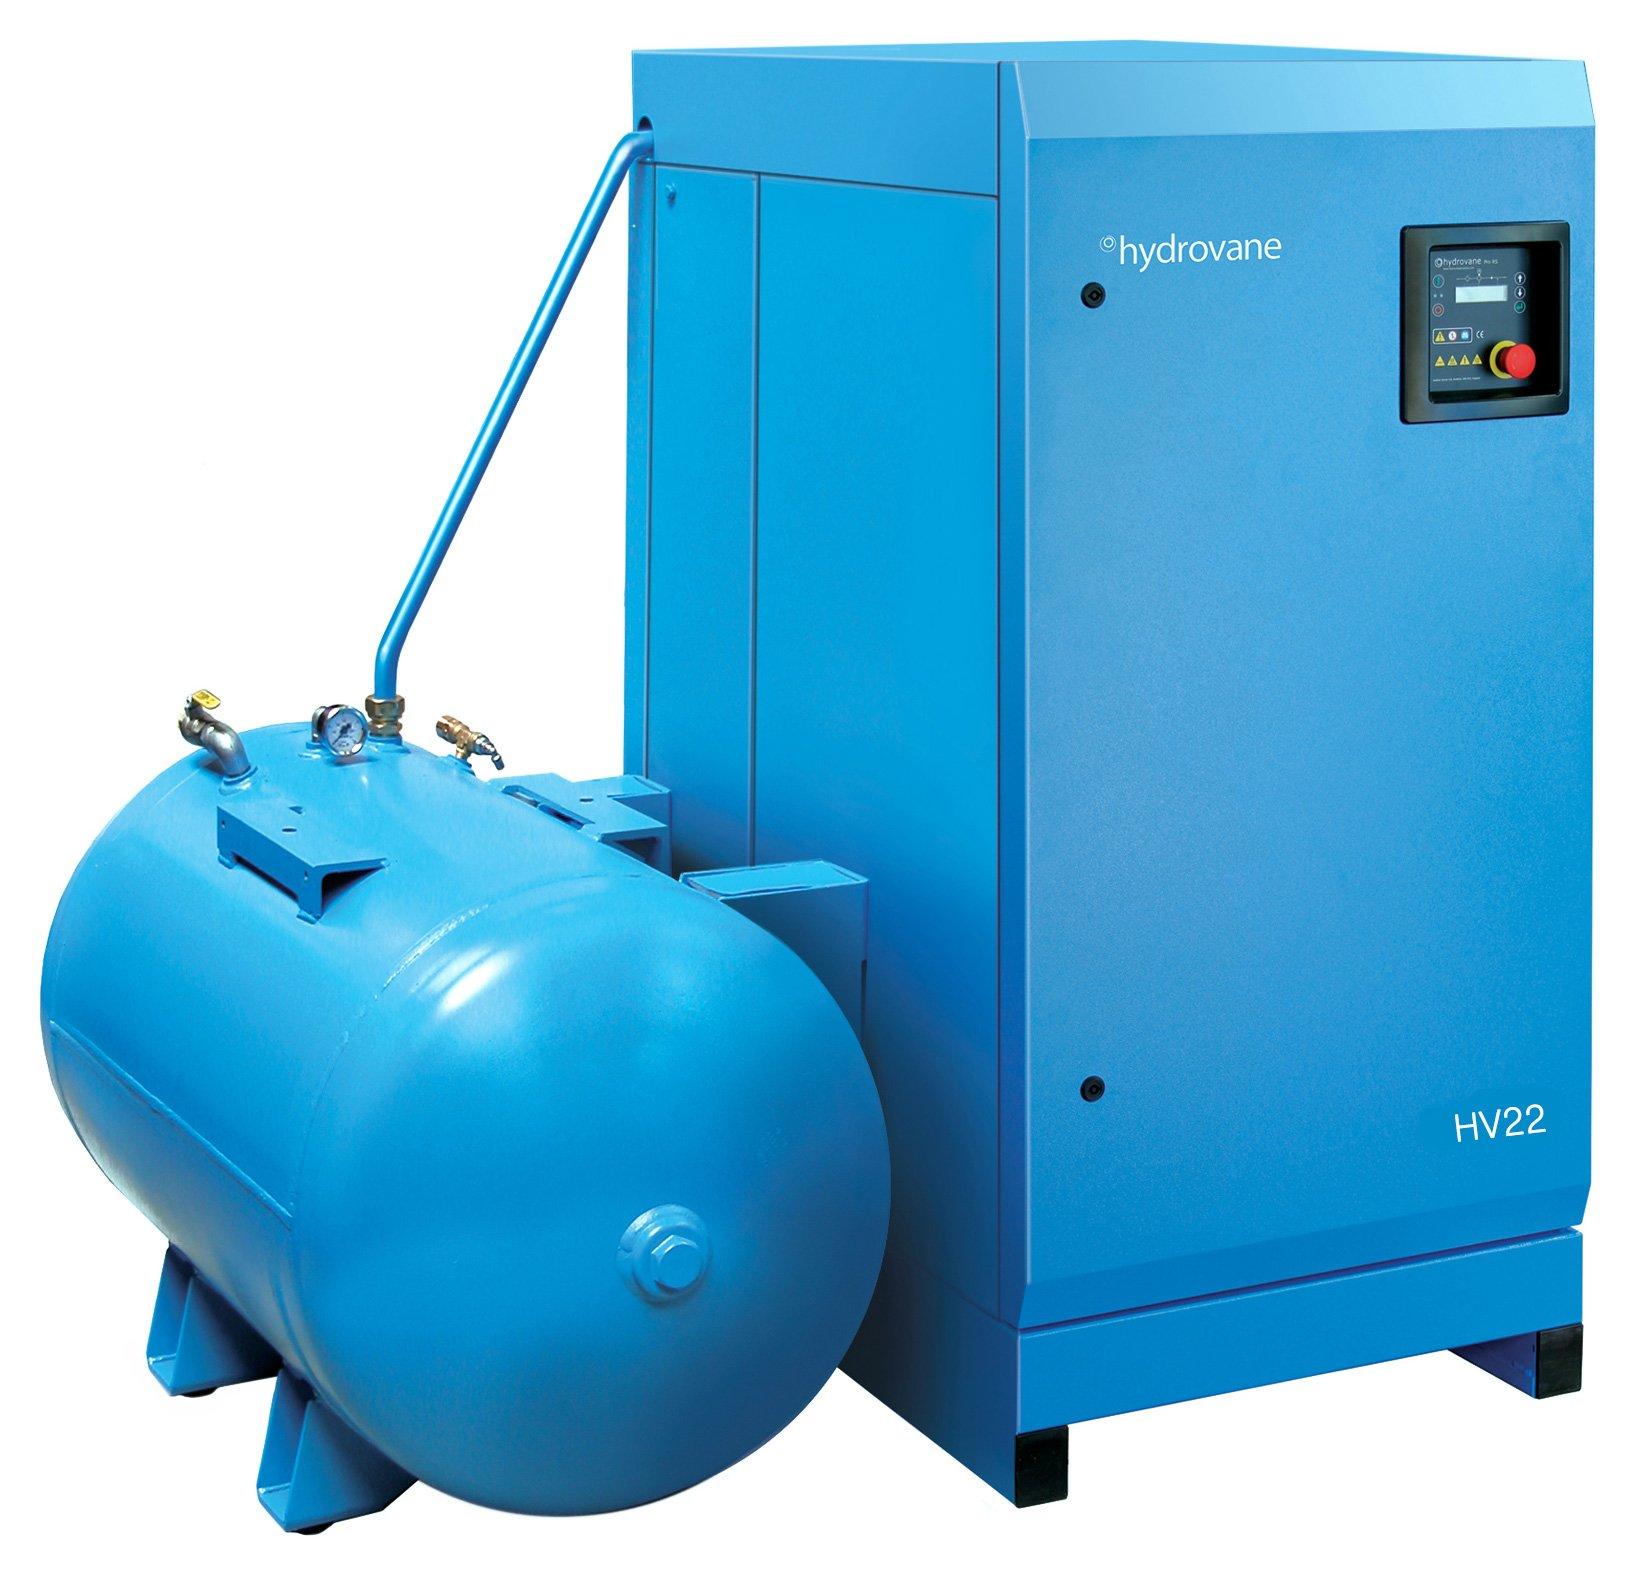 Midlands UK supplier of Hydrovane HV22ACER air compressor